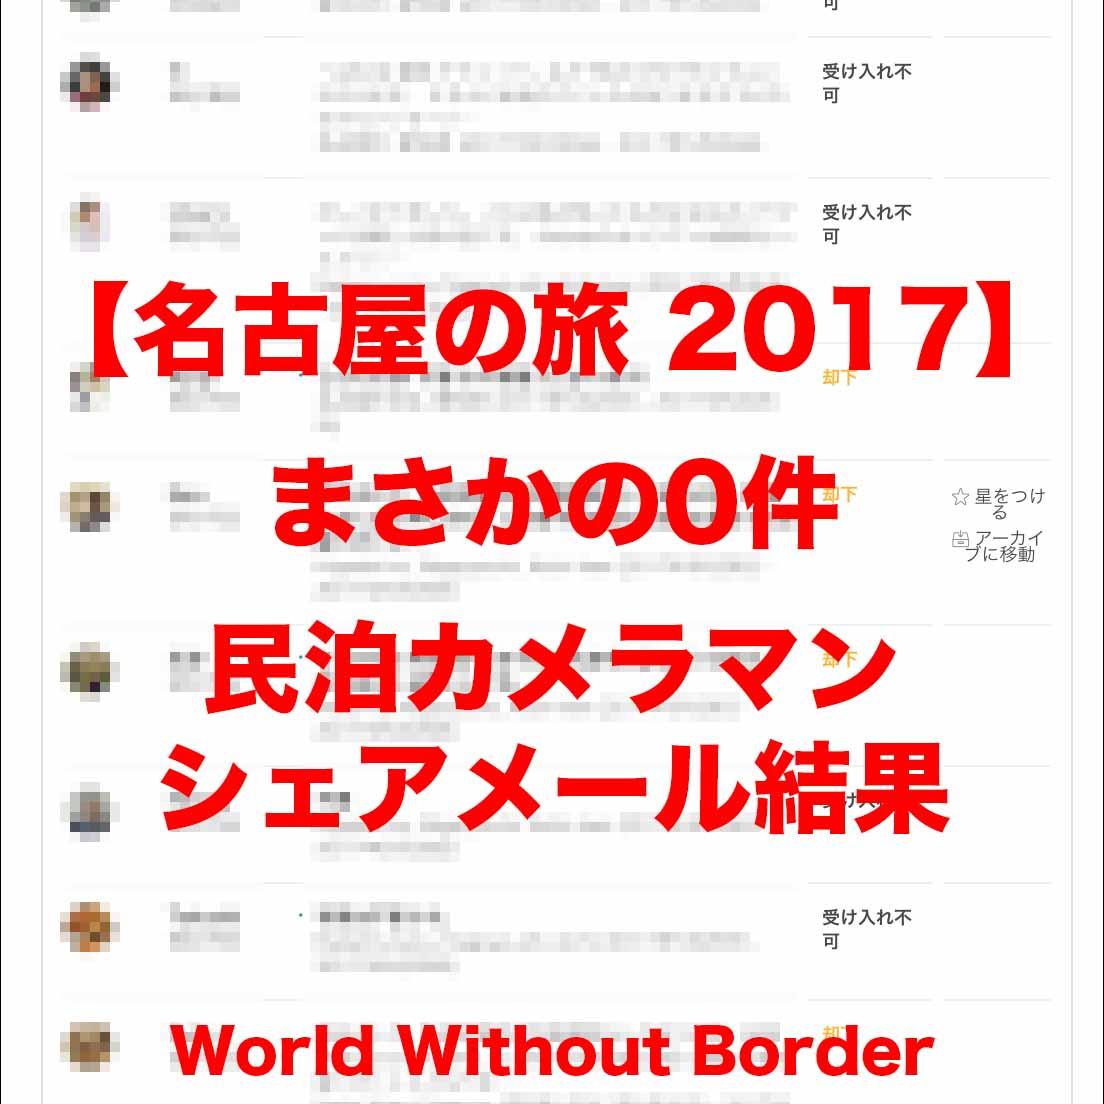 【名古屋の旅 2017】撮影件数0?! 日本最多Airbnb民泊カメラマンのシェア旅行 名古屋編